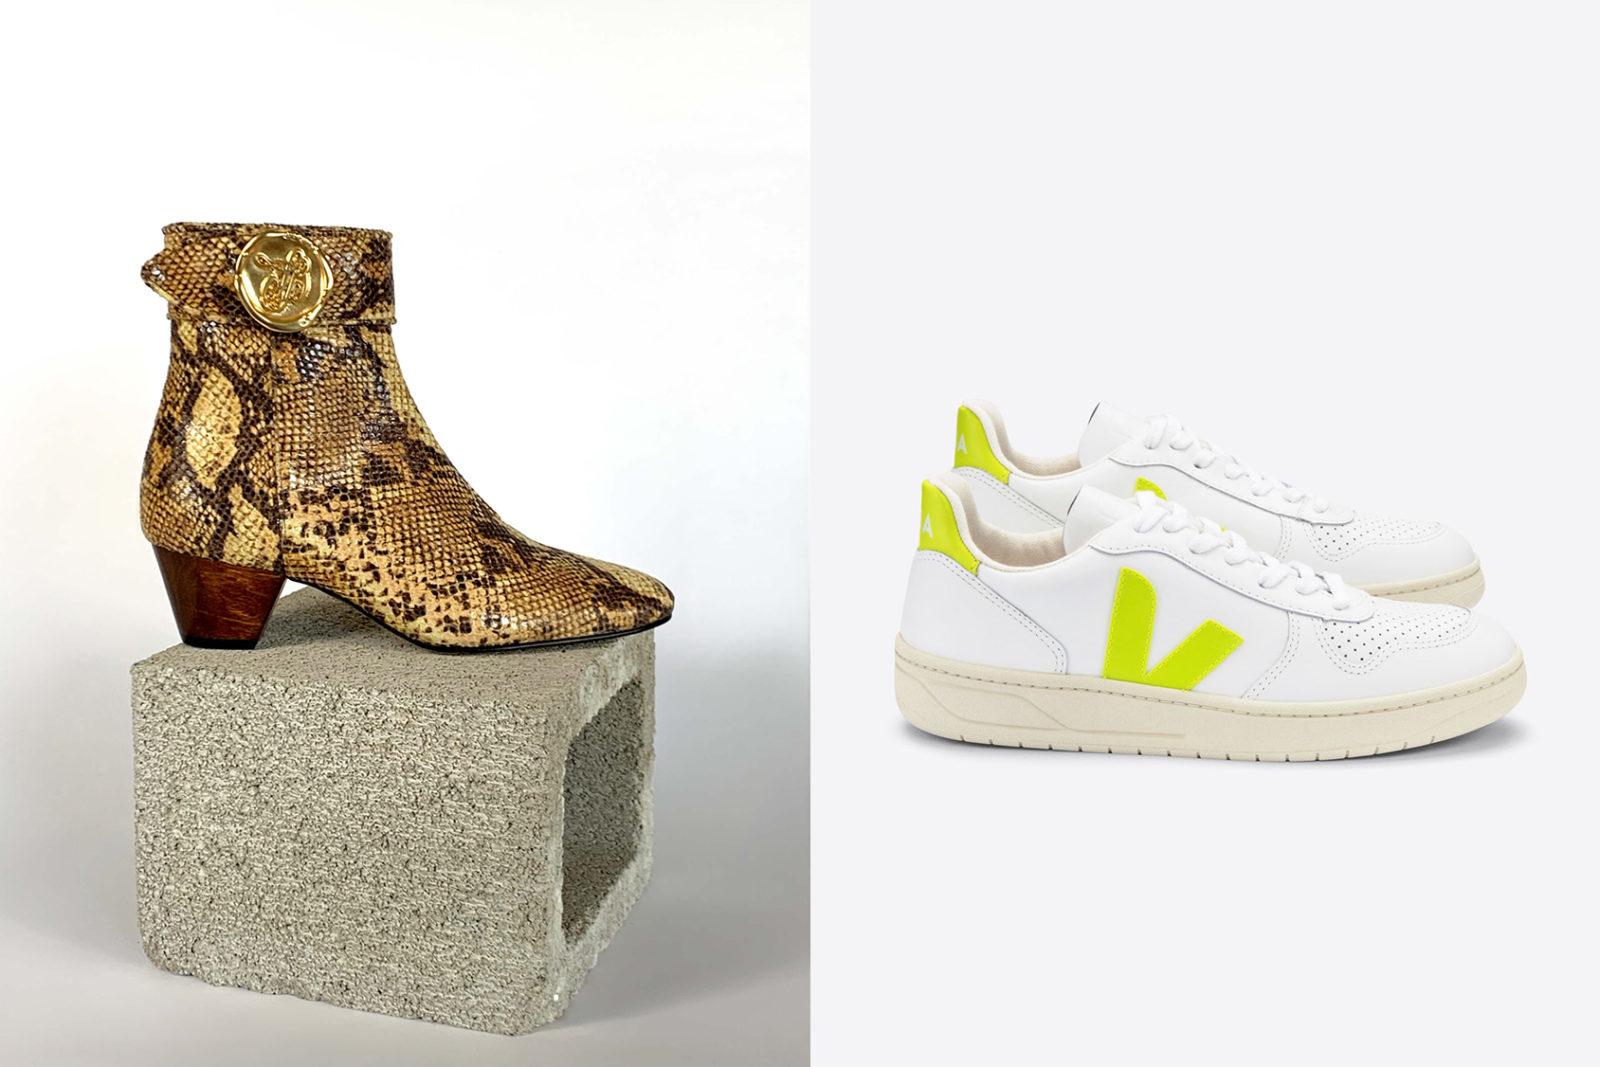 Vegan, Eco Friendly Shoes You'll Want to Wear   PETA